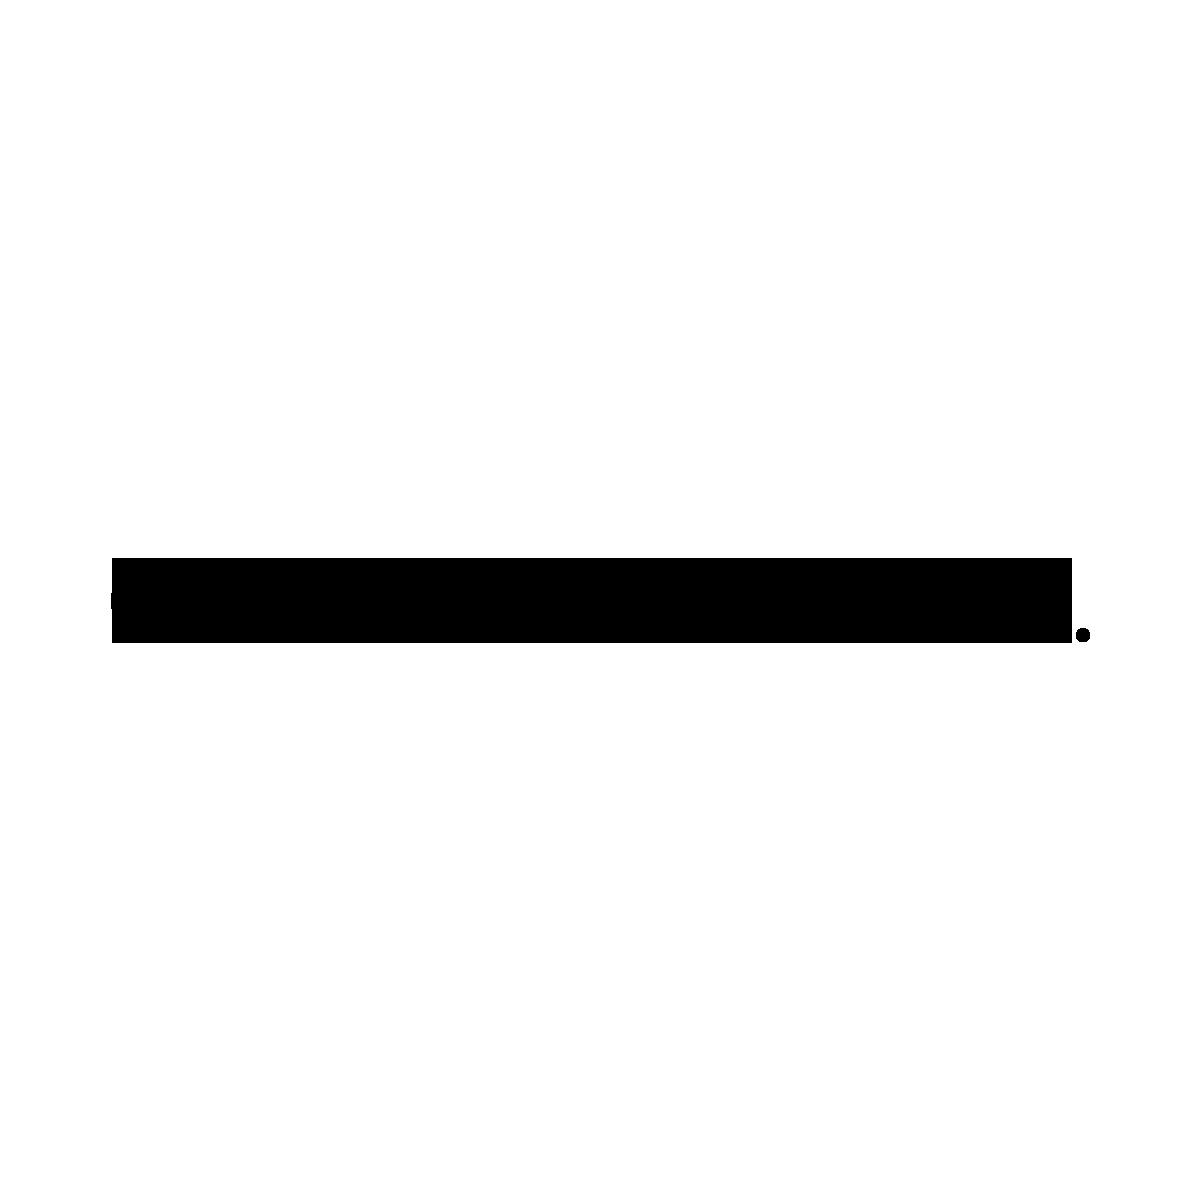 Sneaker-Dyonna-Zwart